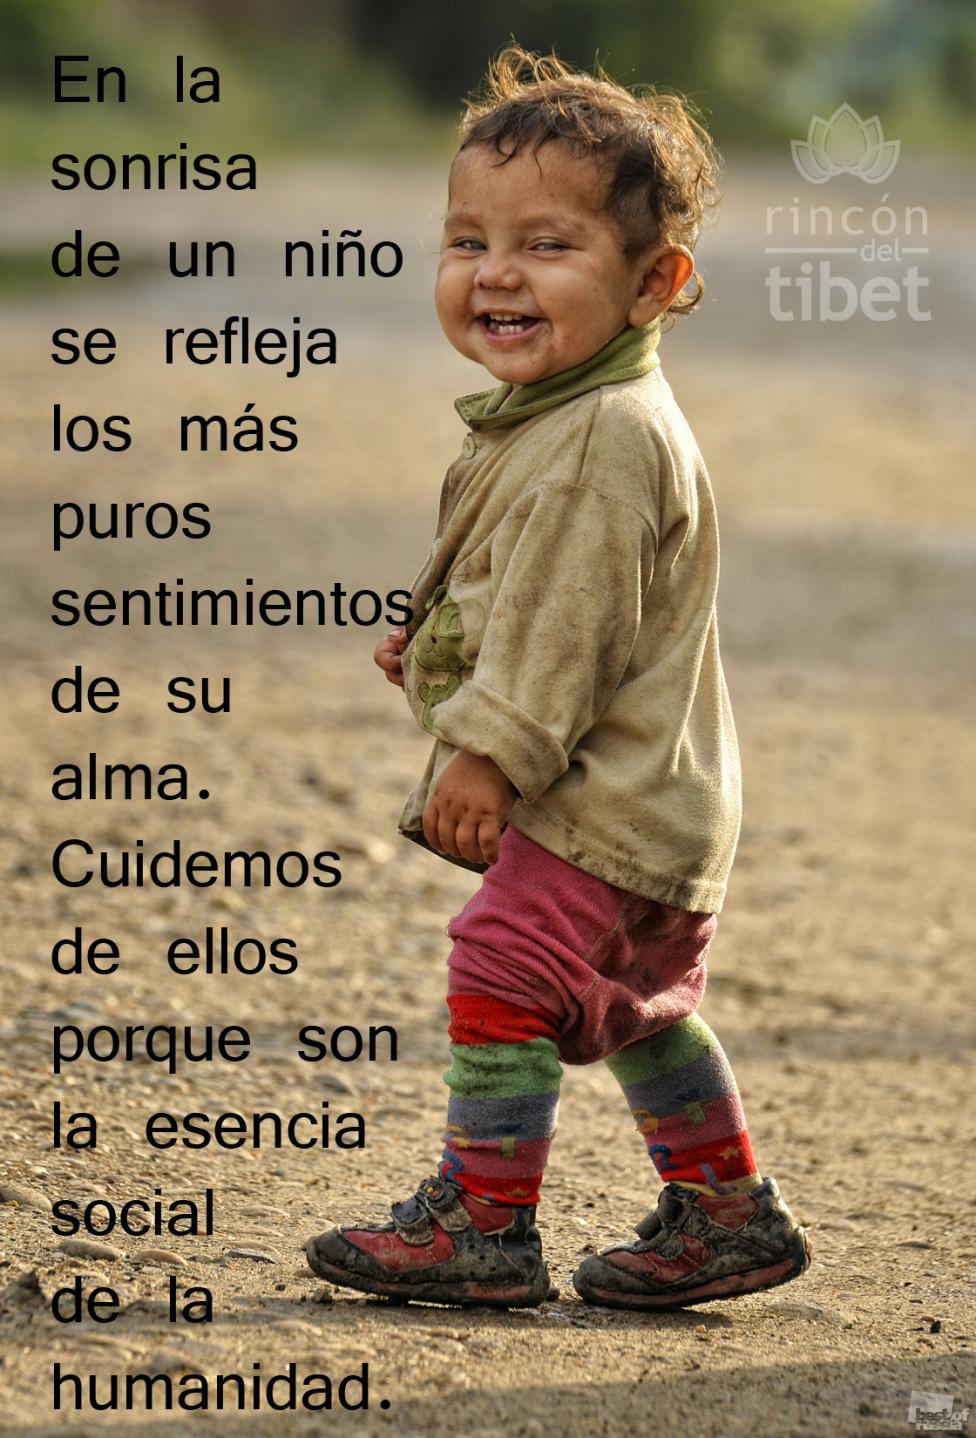 En La Sonrisa De Un Niño Retratos De Niños Caras De Niños